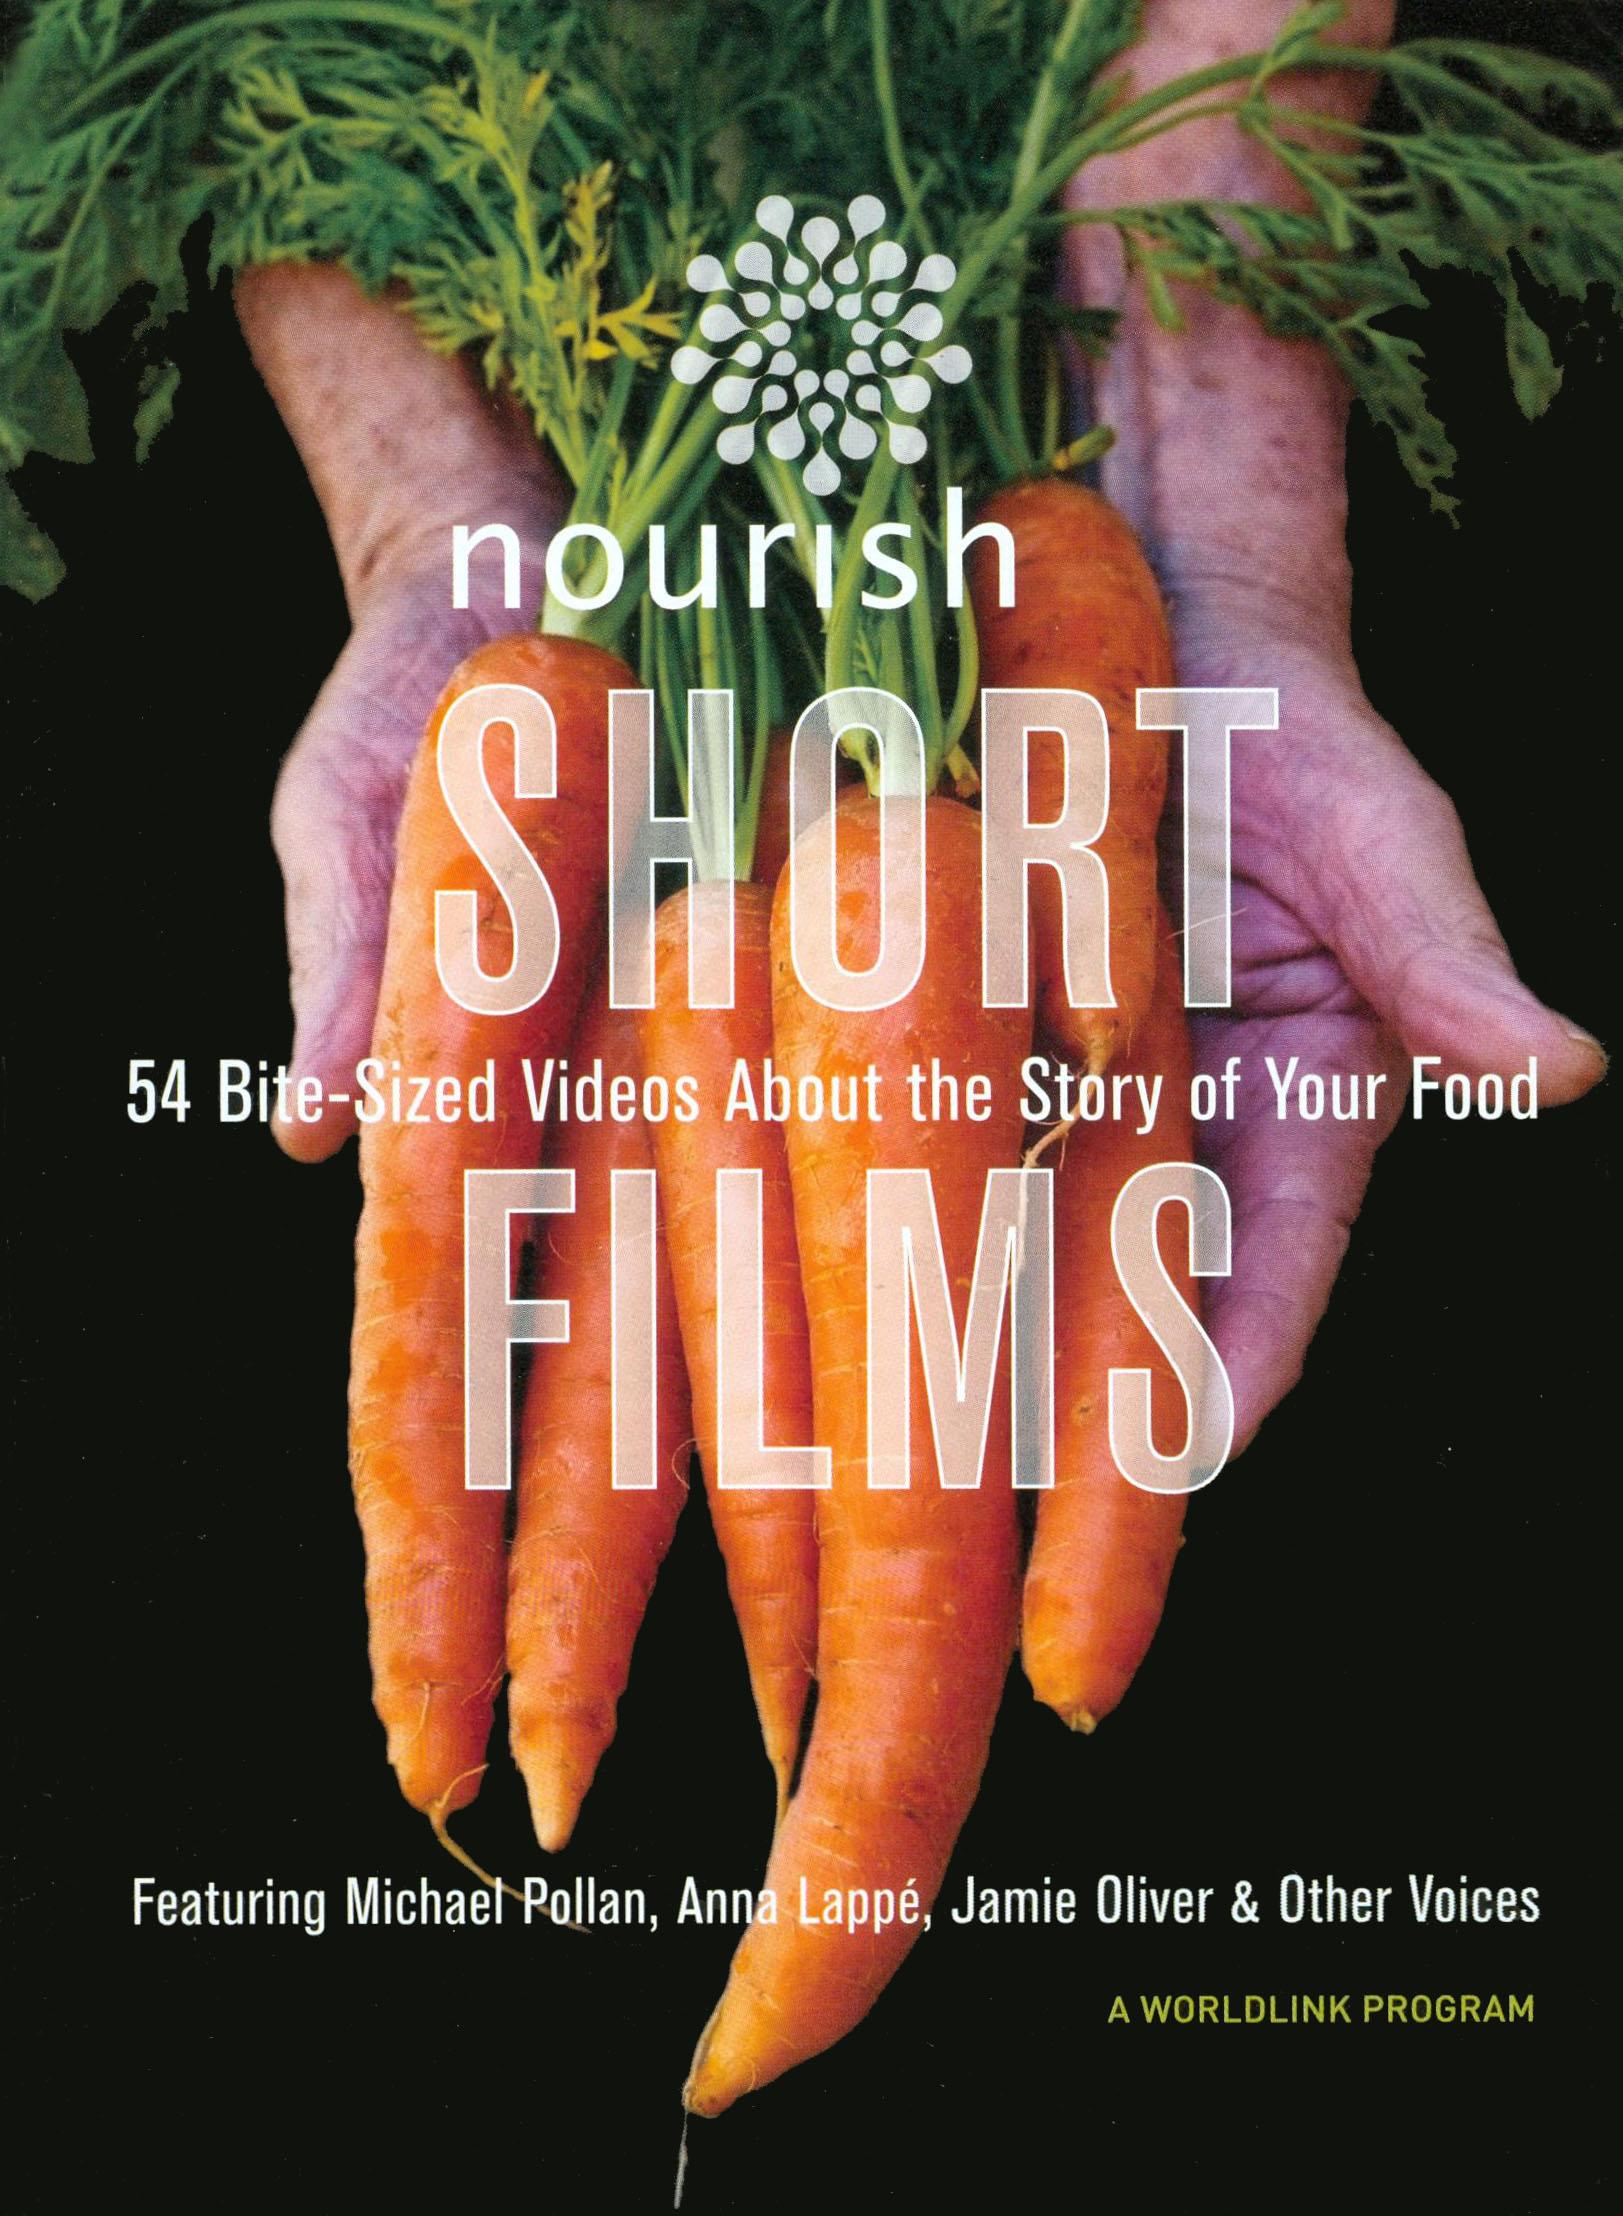 Nourish: Short Films